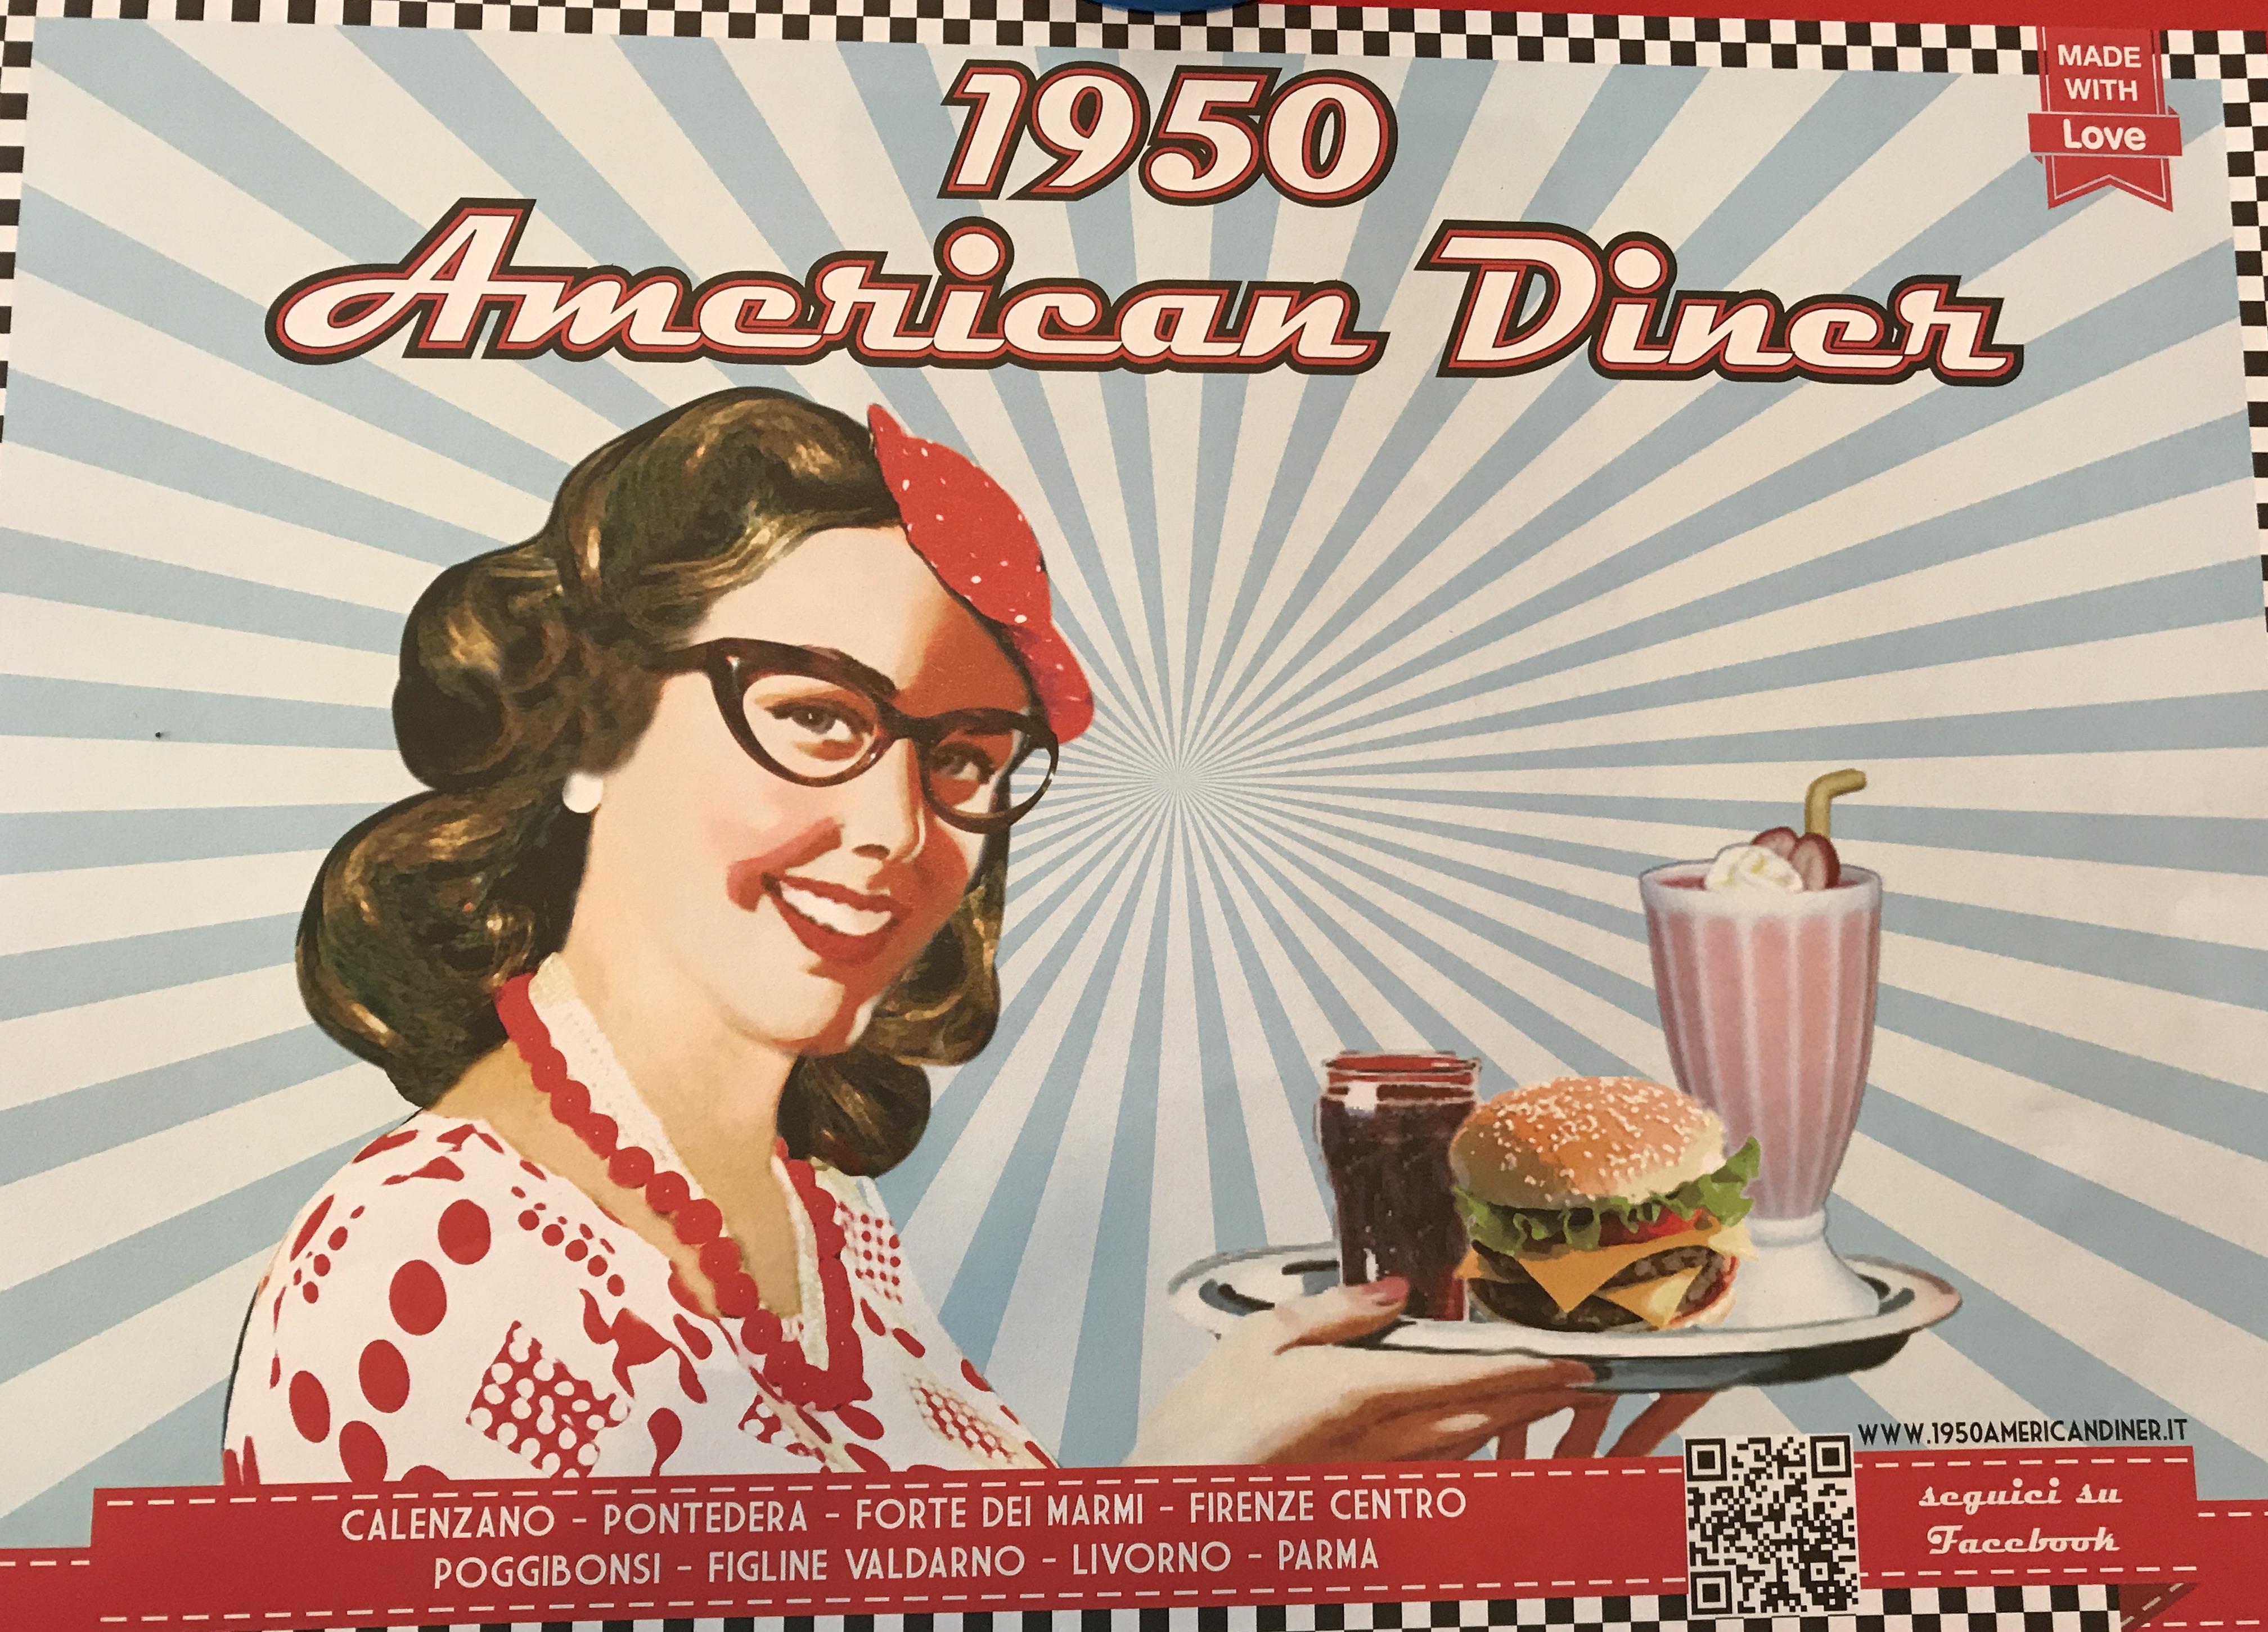 American diner forte dei marmi